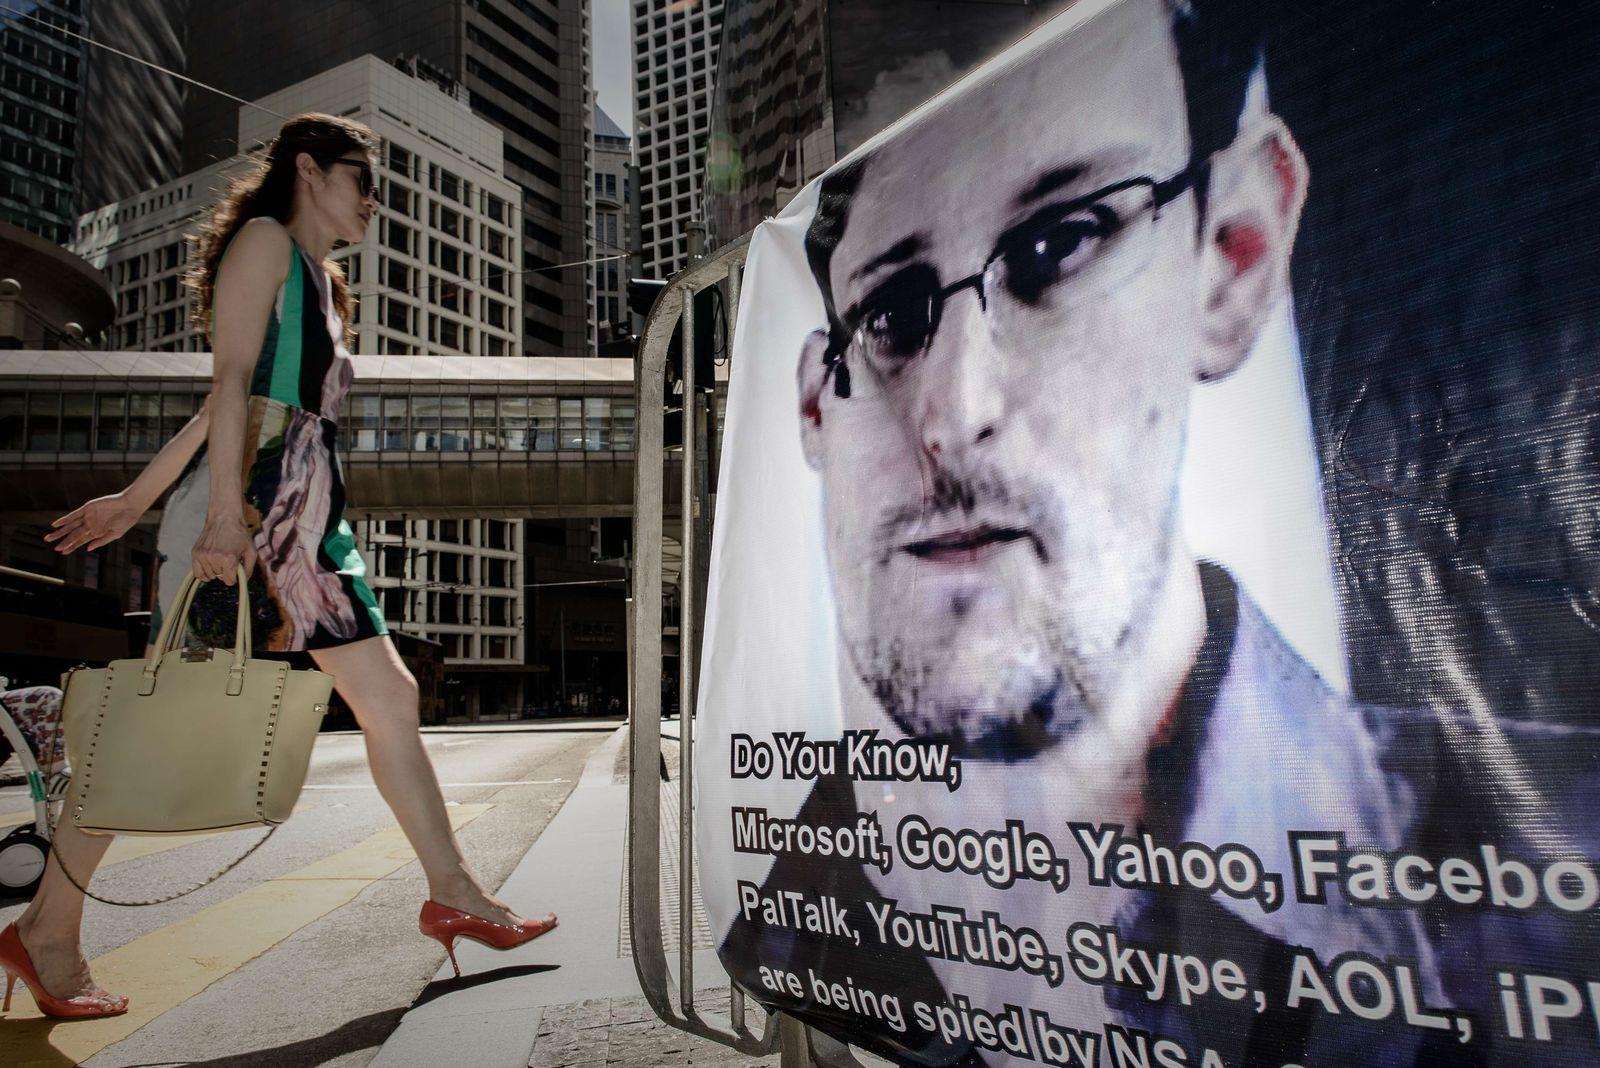 Edward Snowden/ Hong Kong